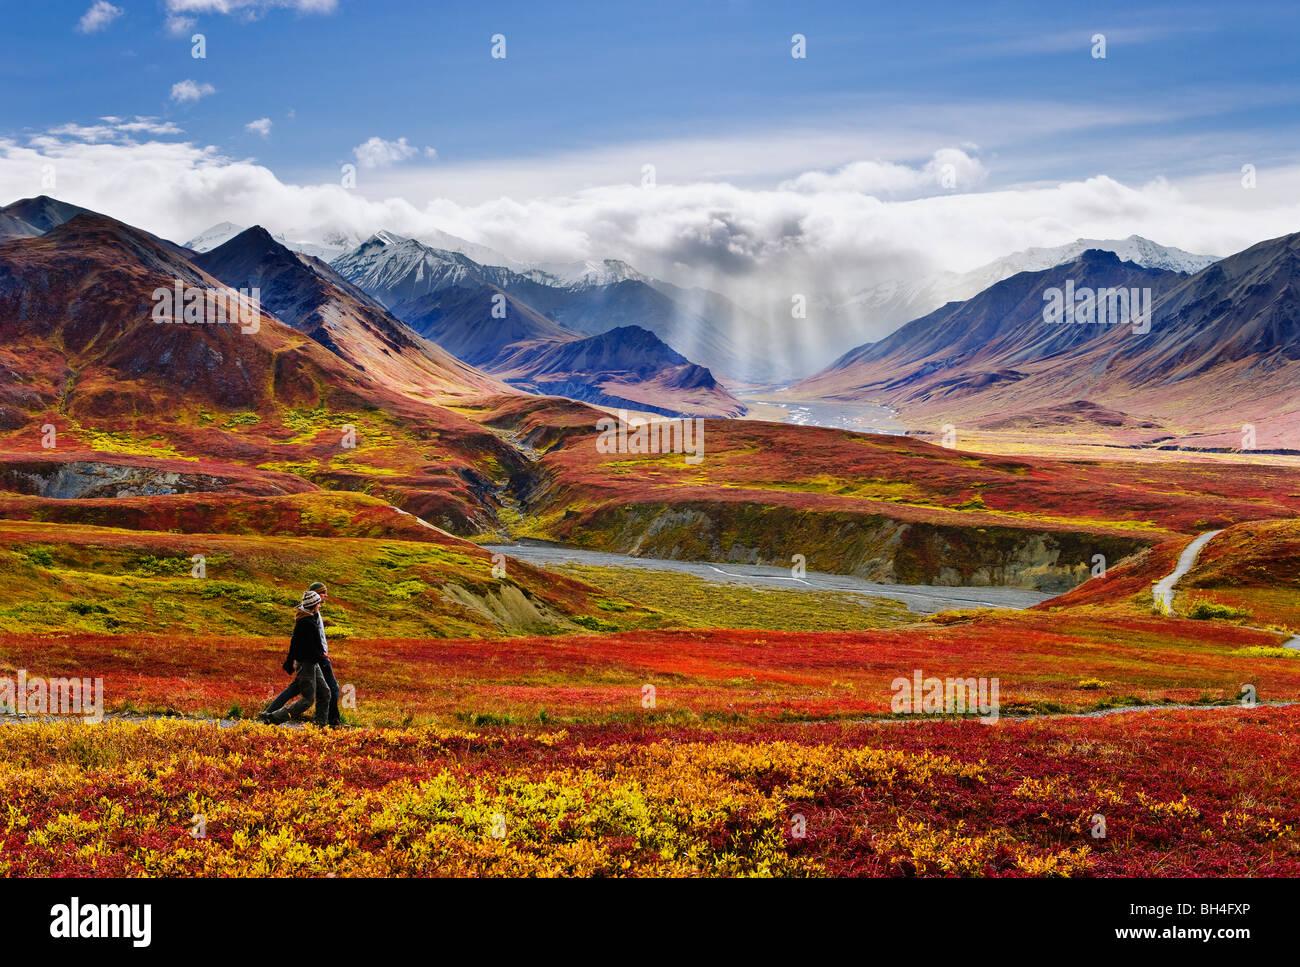 Los excursionistas, colores de otoño y la Cordillera de Alaska, el Parque Nacional Denali, Alaska Imagen De Stock